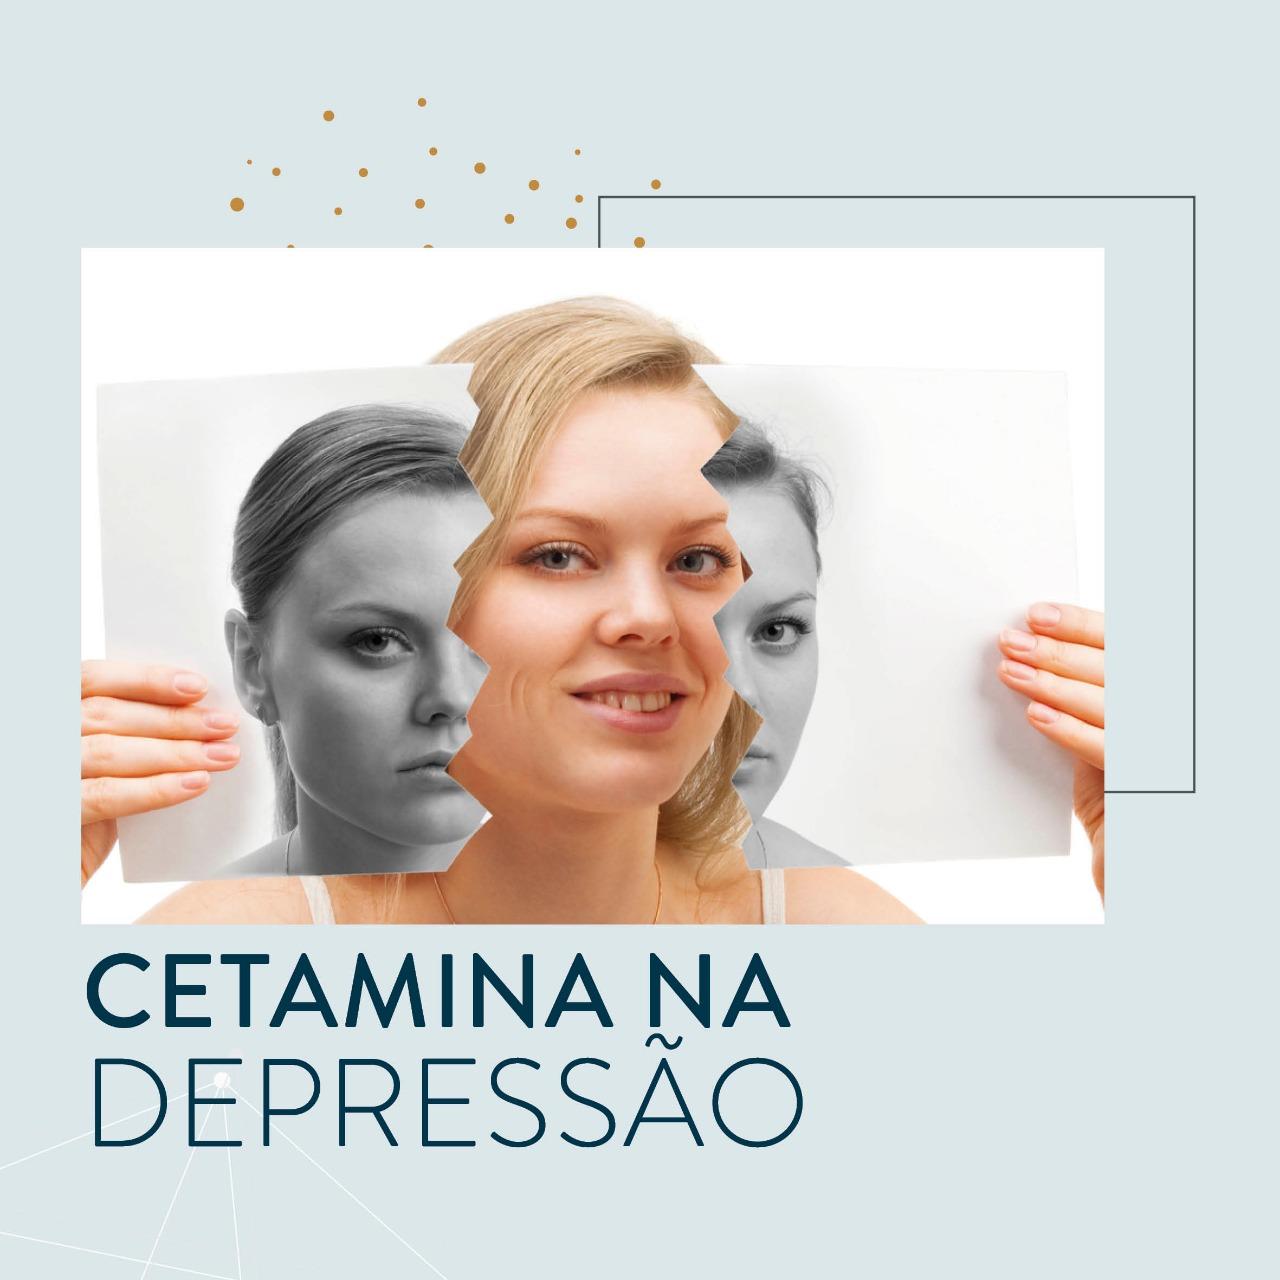 Cetamina na depressão